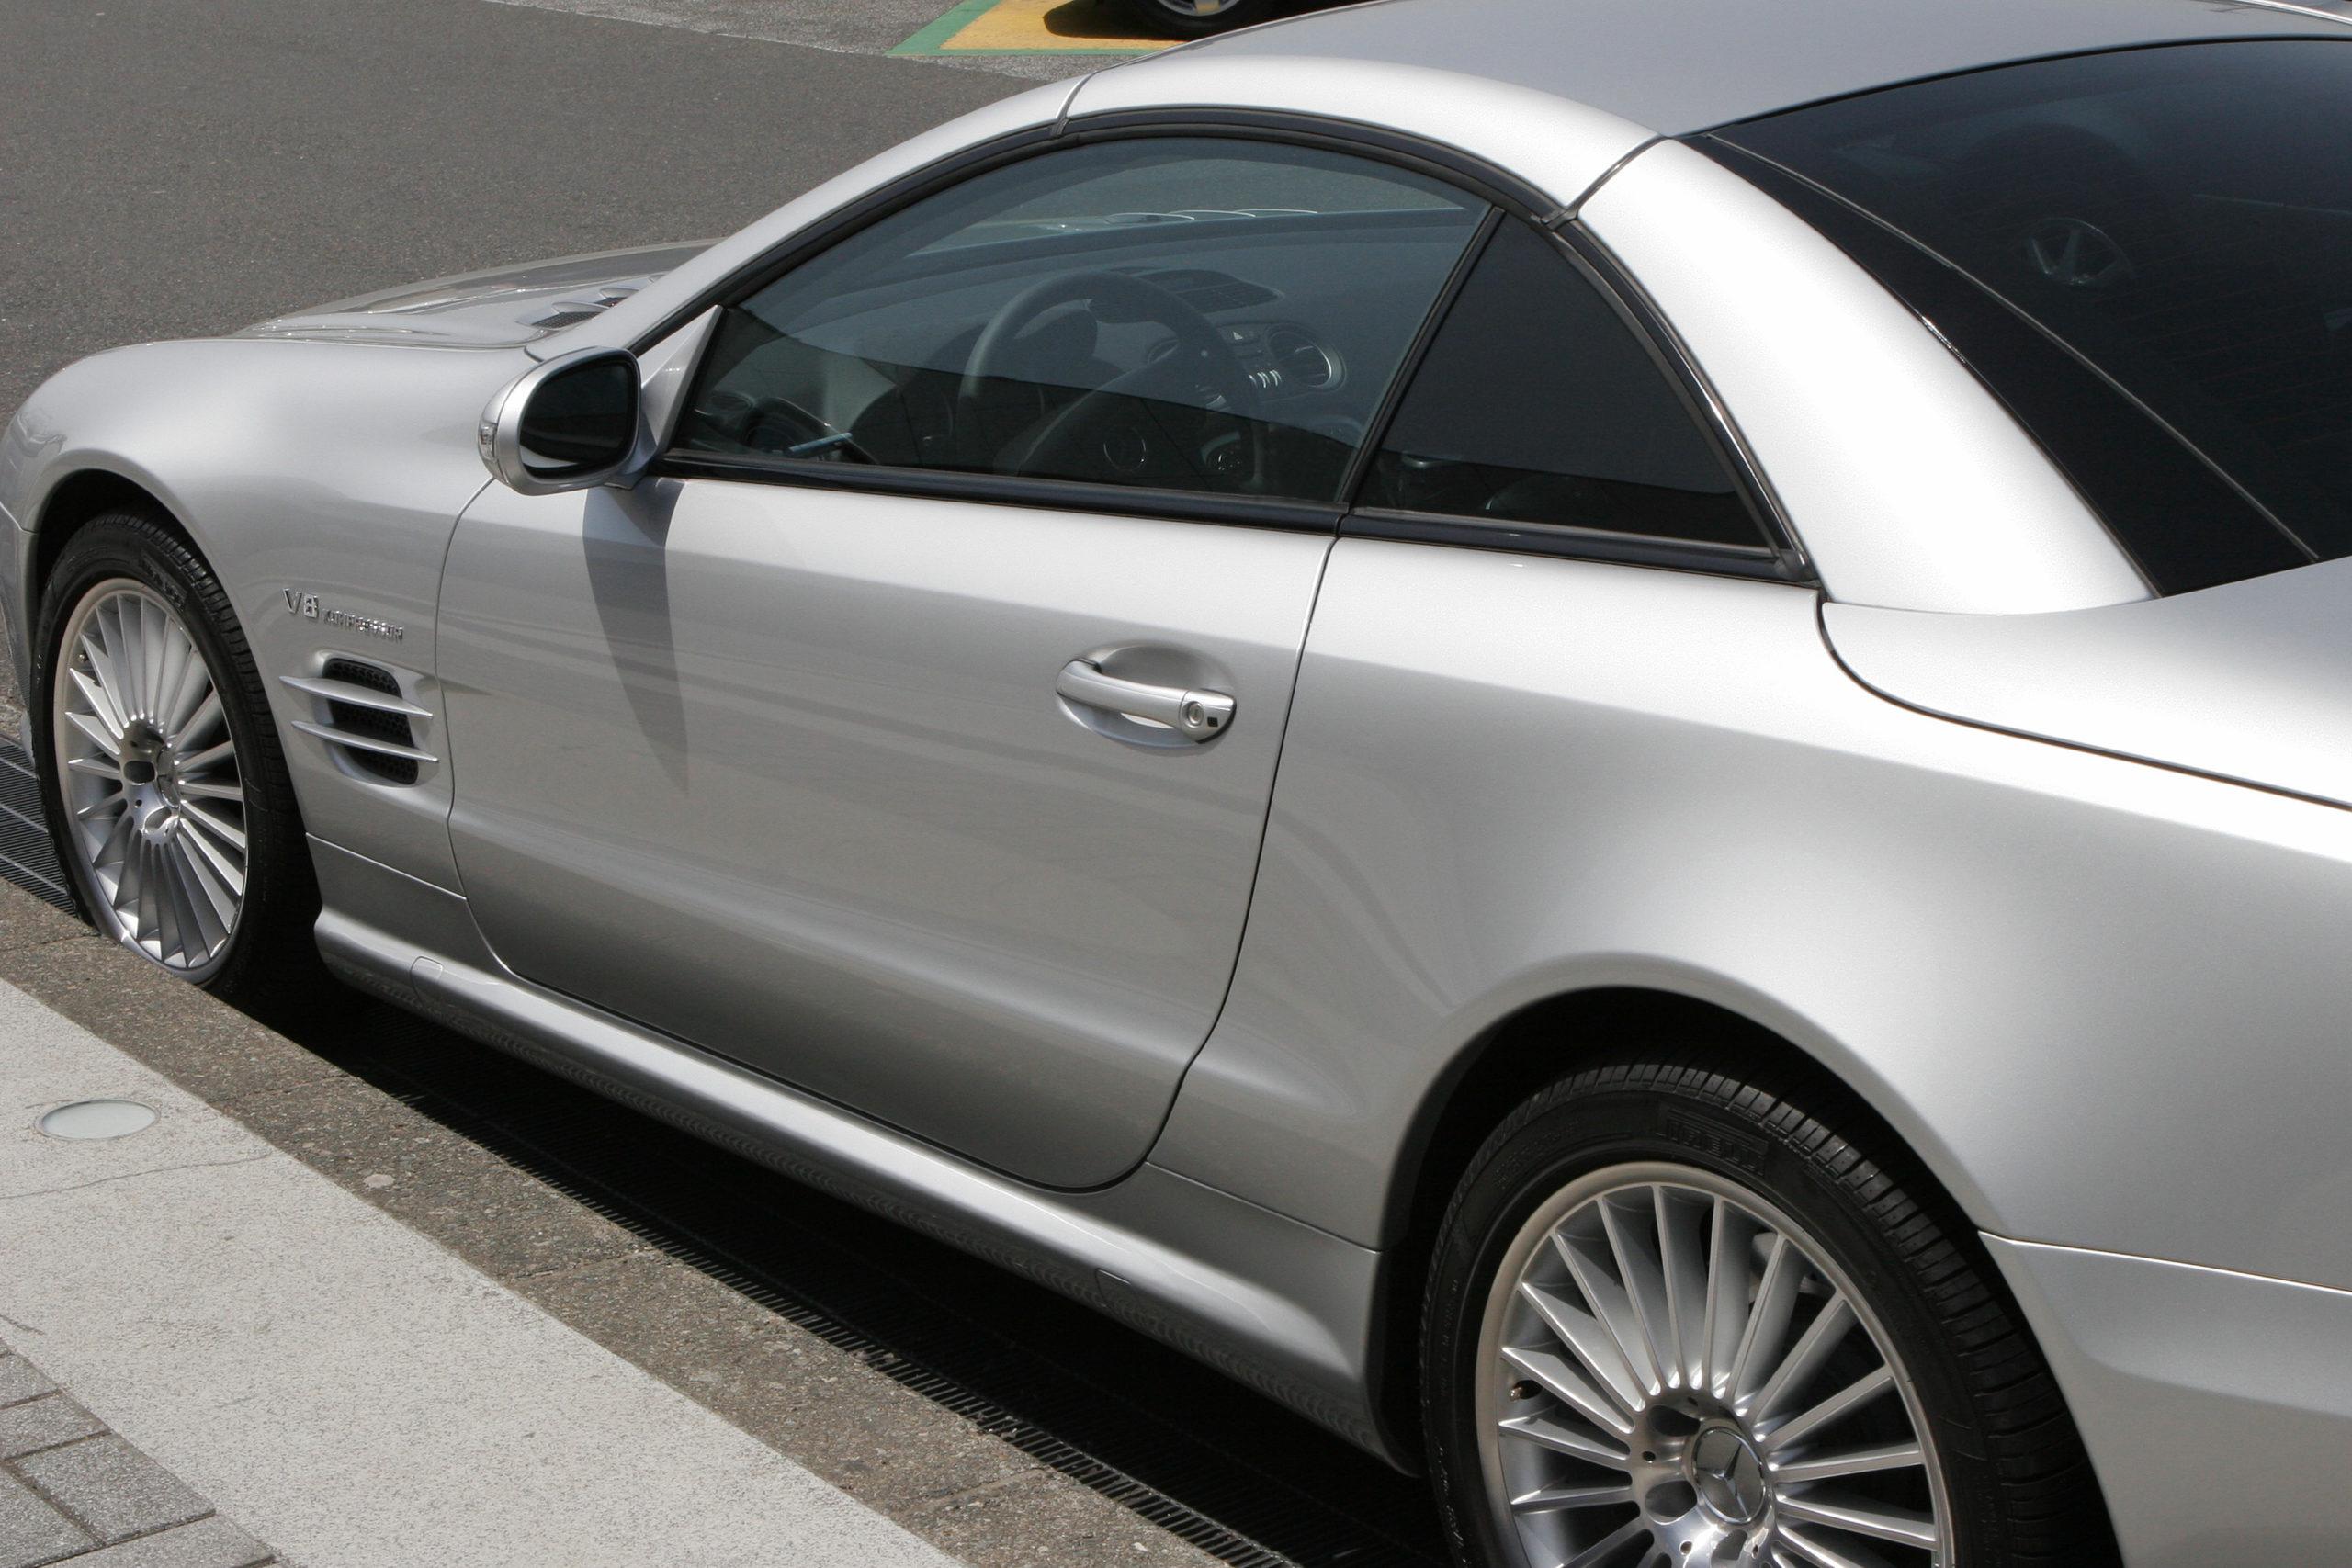 中古車販売価格に含まれる未経過自動車税相当の消費税処理には注意が必要です